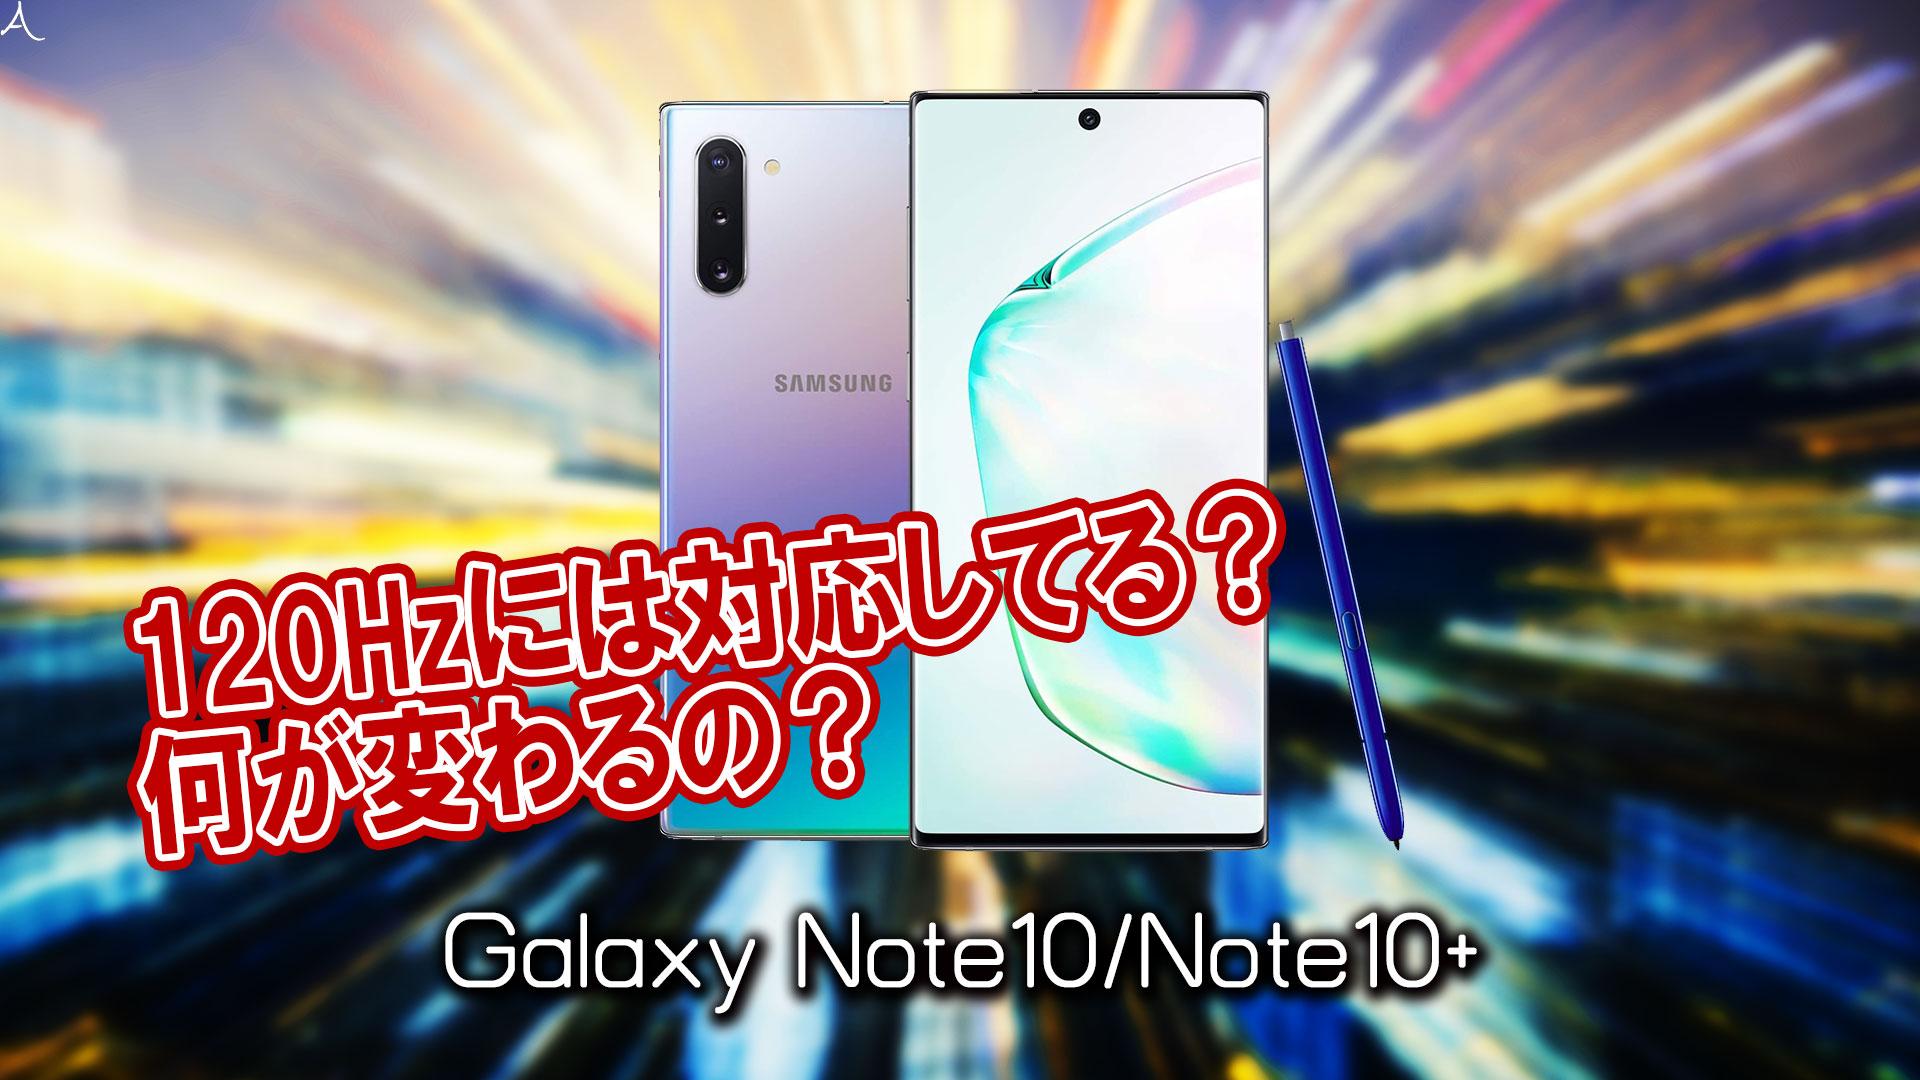 「Galaxy Note10/Note10+」のリフレッシュレートはいくつ?120Hzには対応してる?